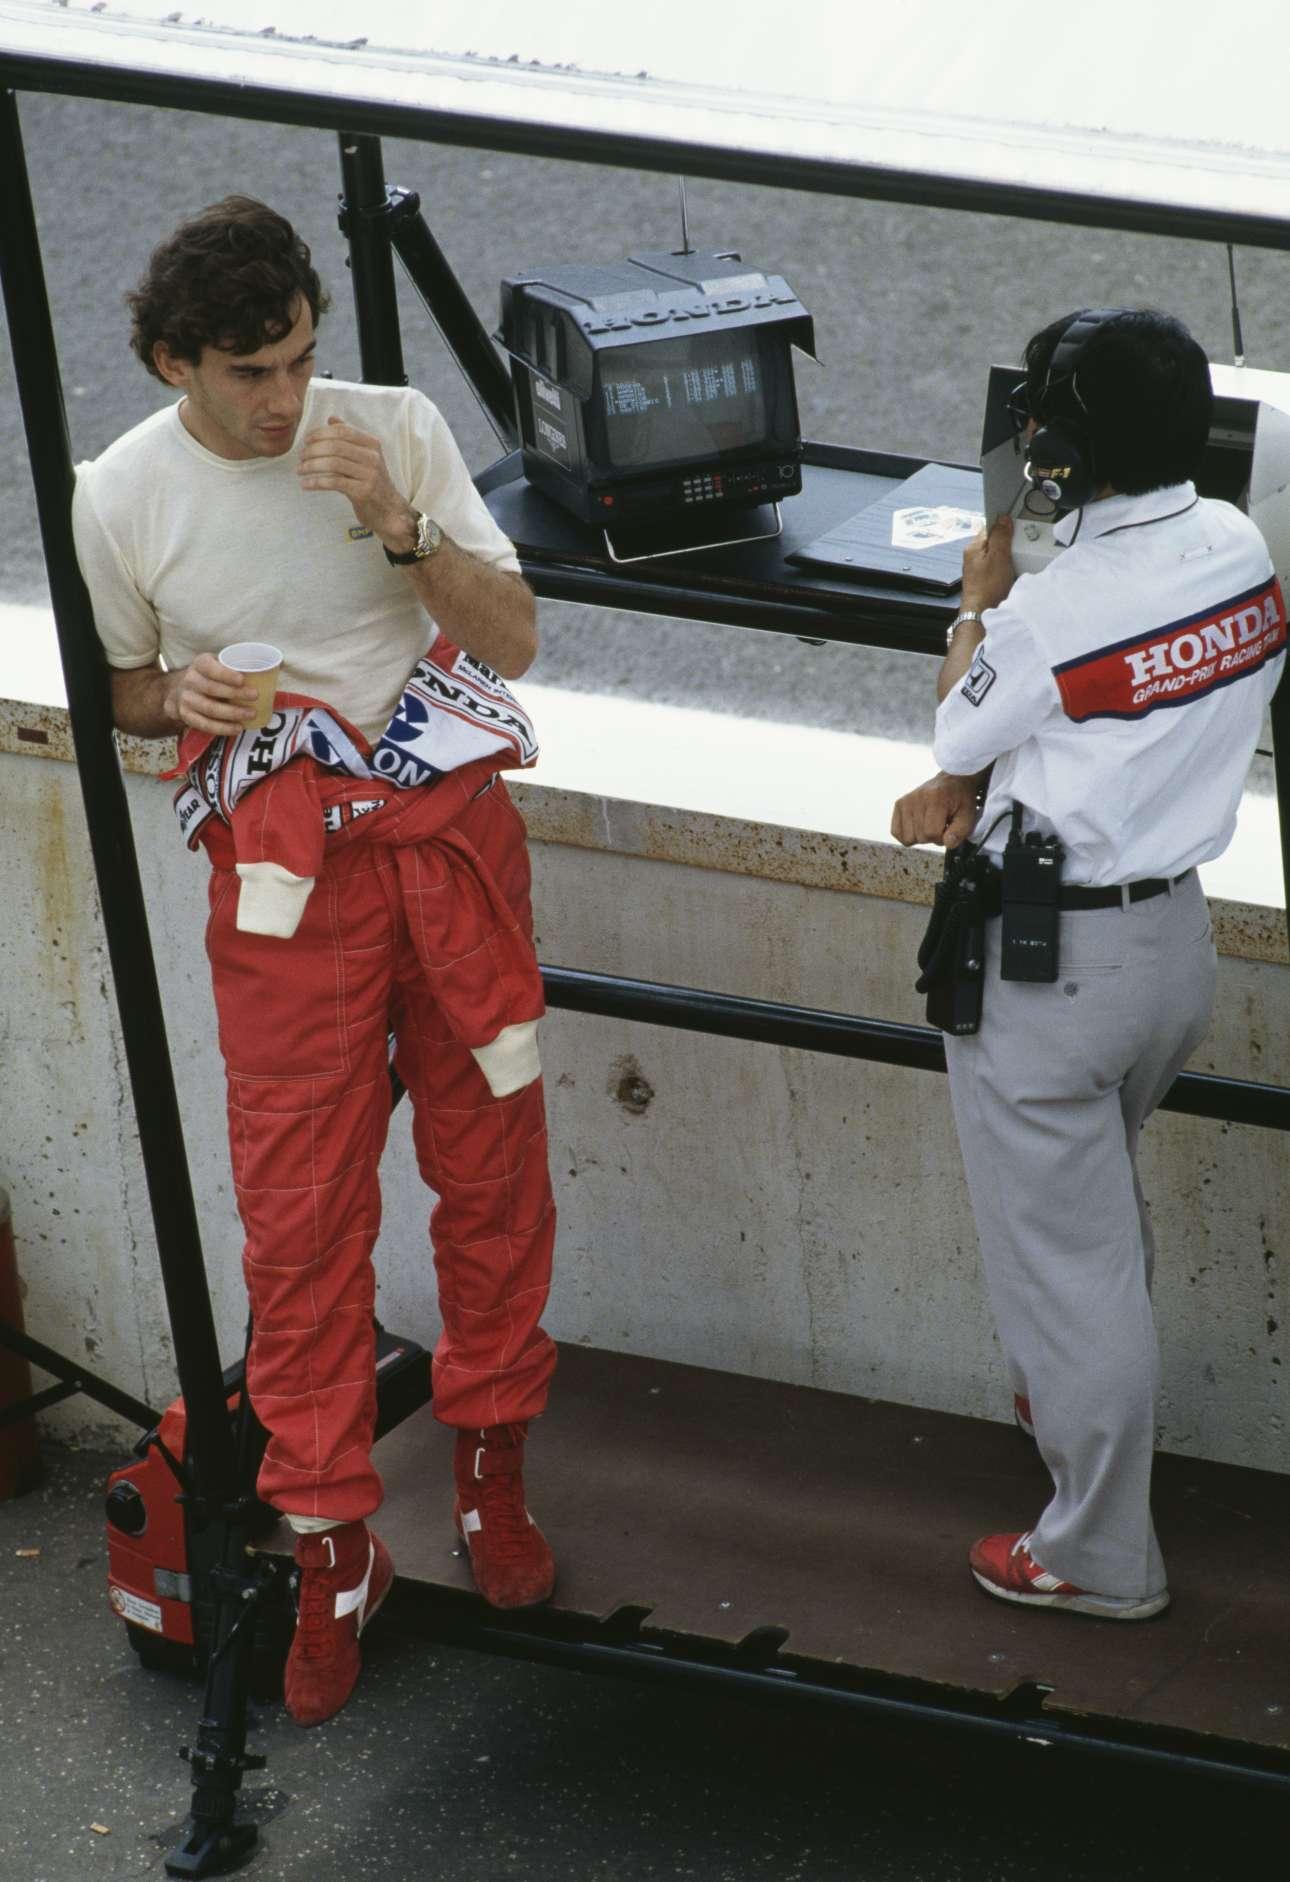 Με τον ιάπωνα τεχνικό της McLaren-Honda Οσάμου Γκότο, στο ουγγρικό γκραν πρι το 1990